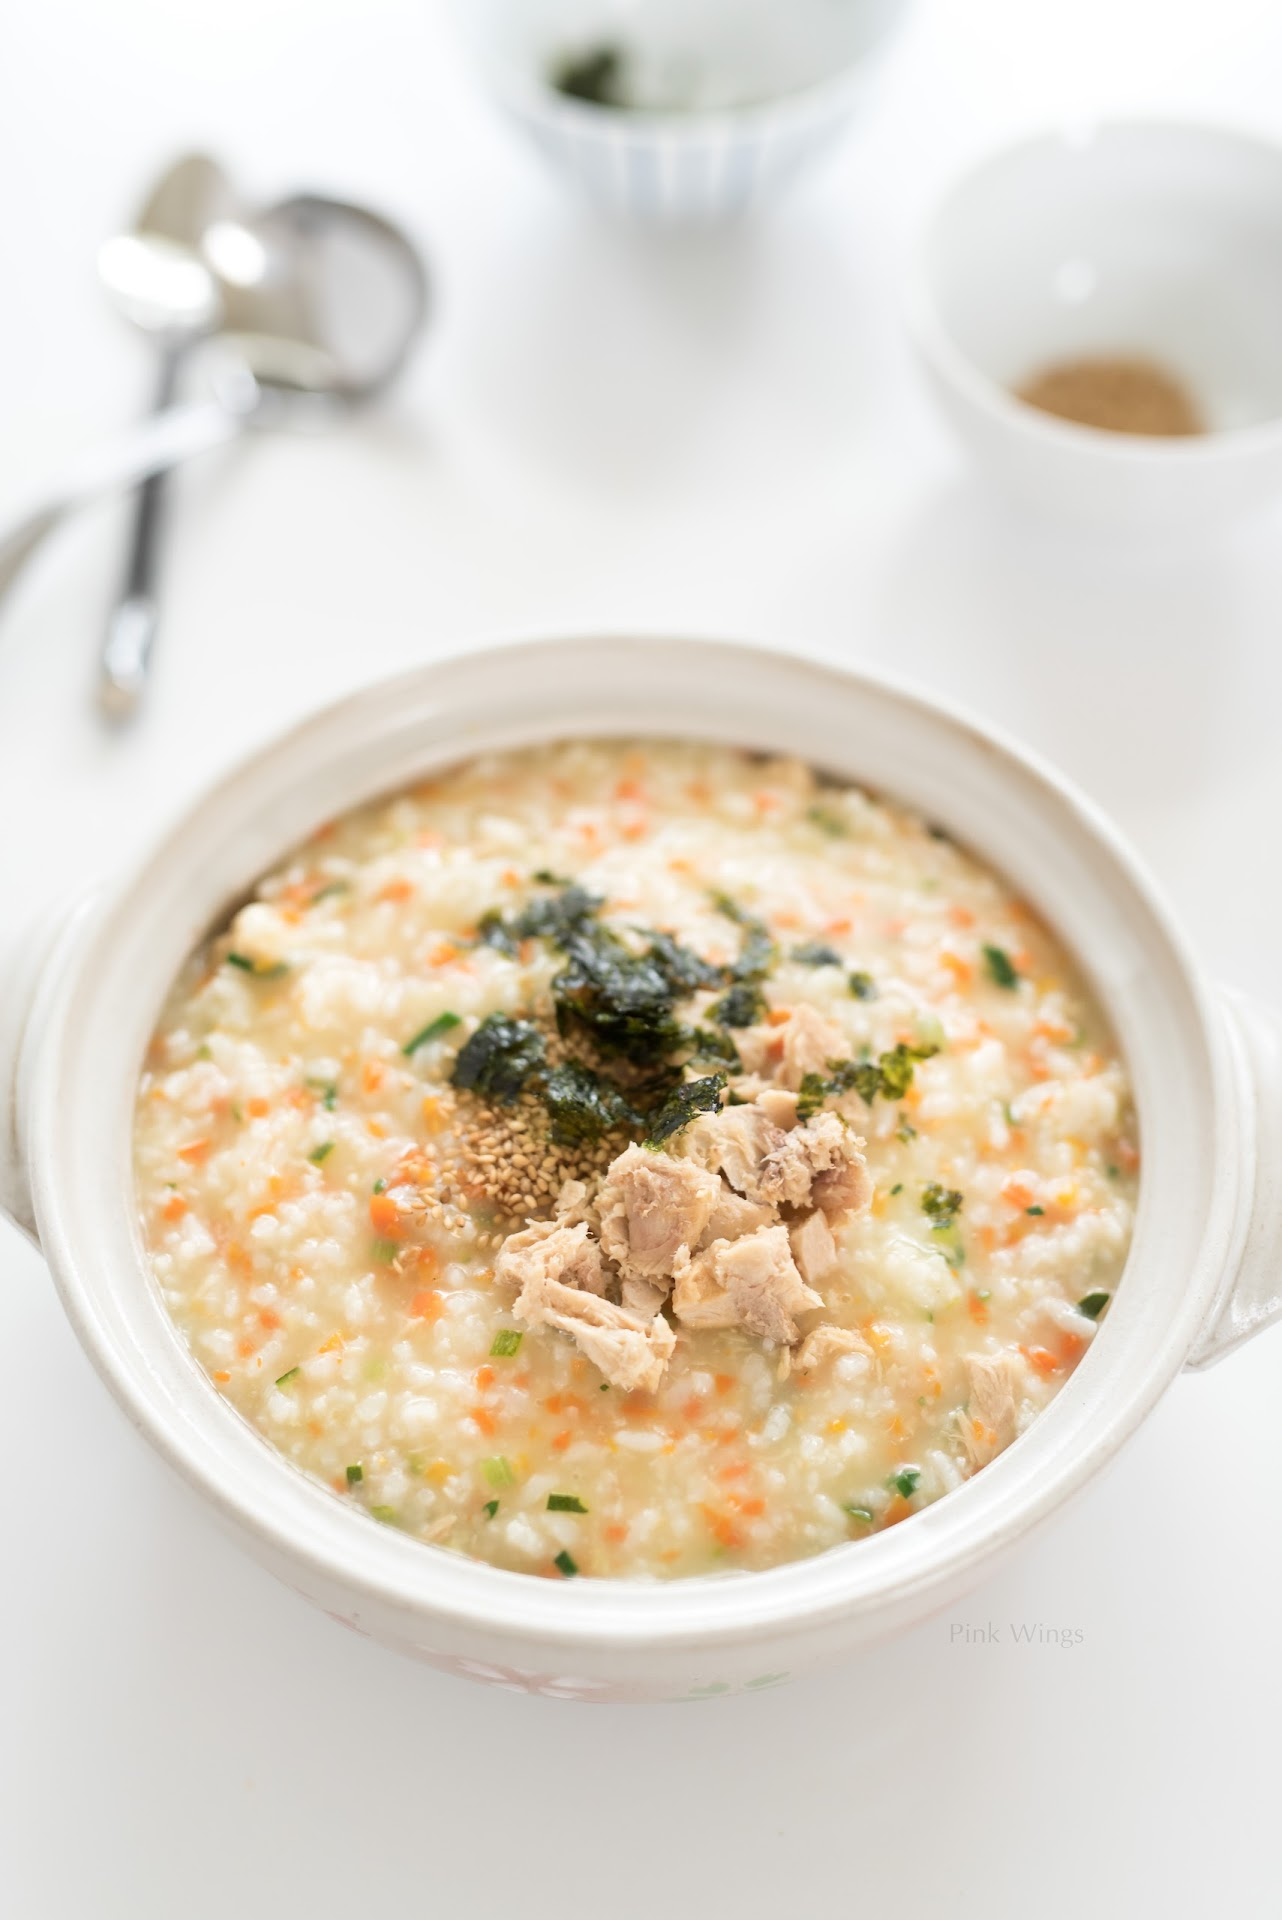 Congee recipe, juk recipe, korean rice porridge recipe, Asian food blog, bonjuk copy cat